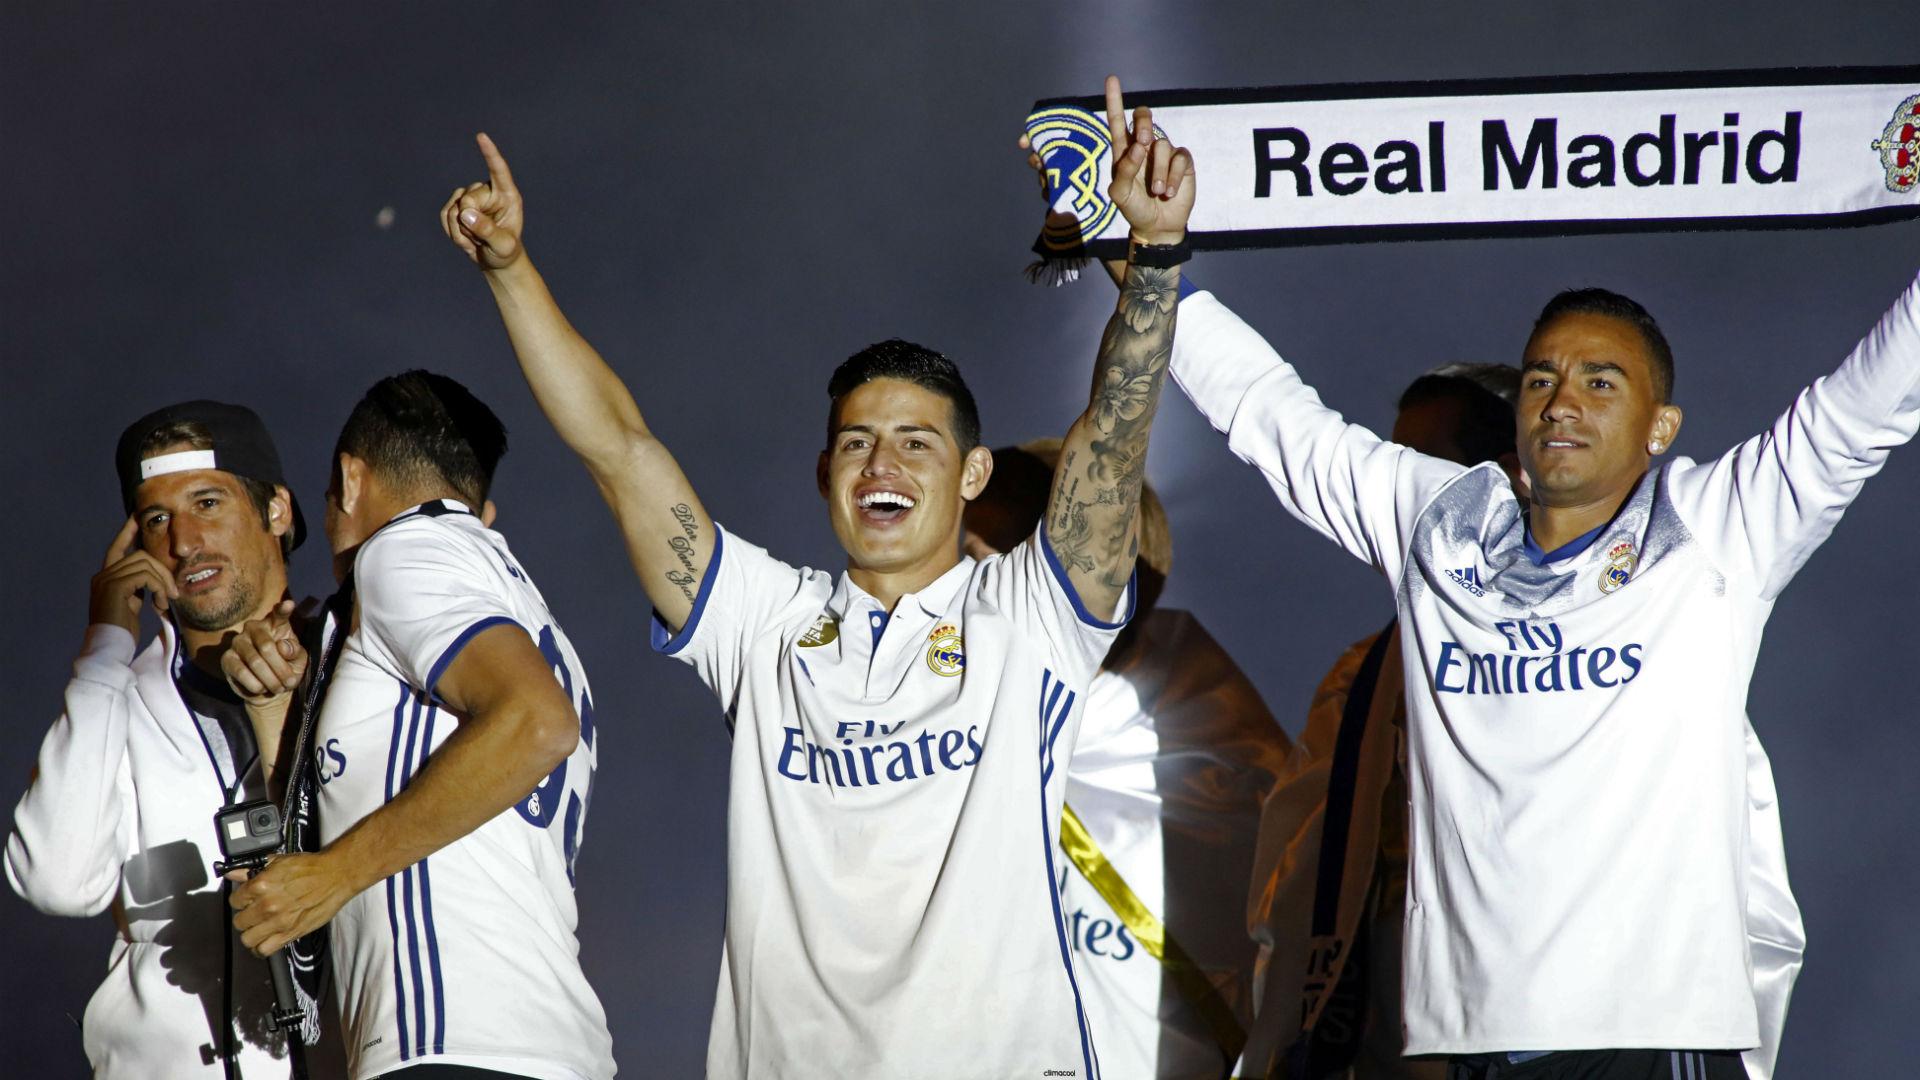 Real Madrid podría sumar tantas Champions League como Milan y Barcelona juntos